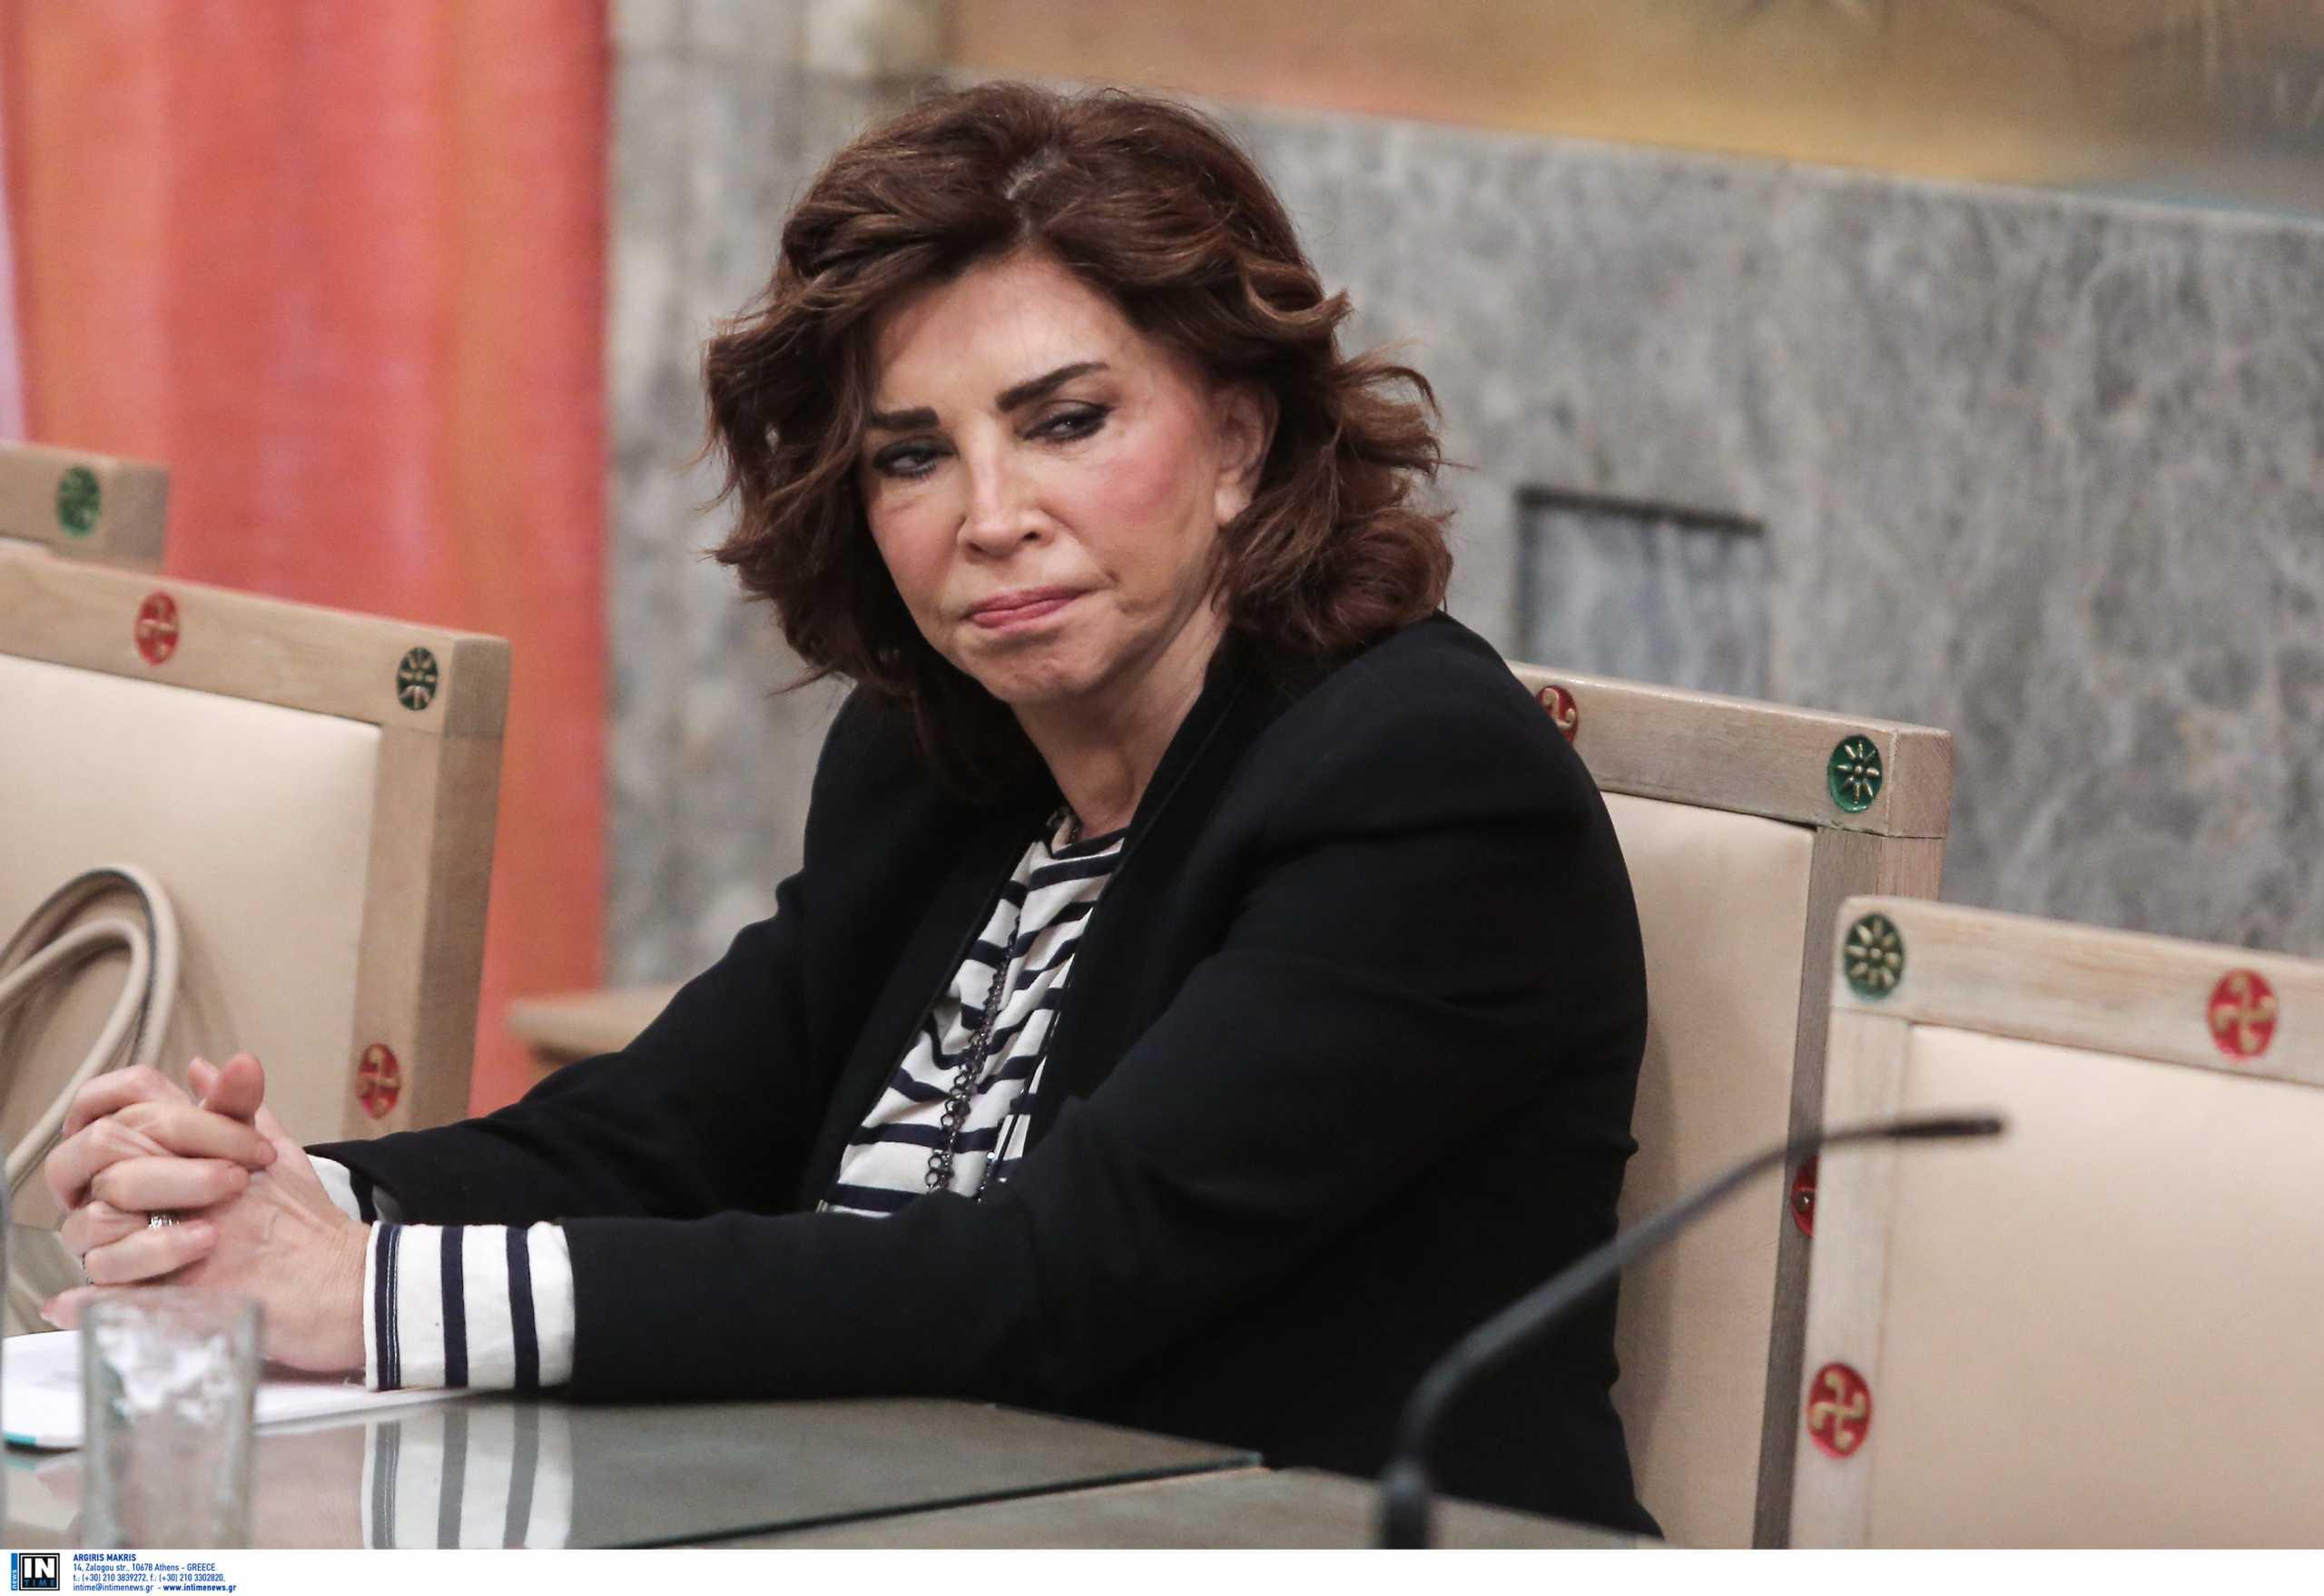 Η Μιμή Ντενίση εξομολογείται για την απώλεια του Αντώνη Τρίτση – «Βίωσα τη μεγαλύτερη θλίψη»